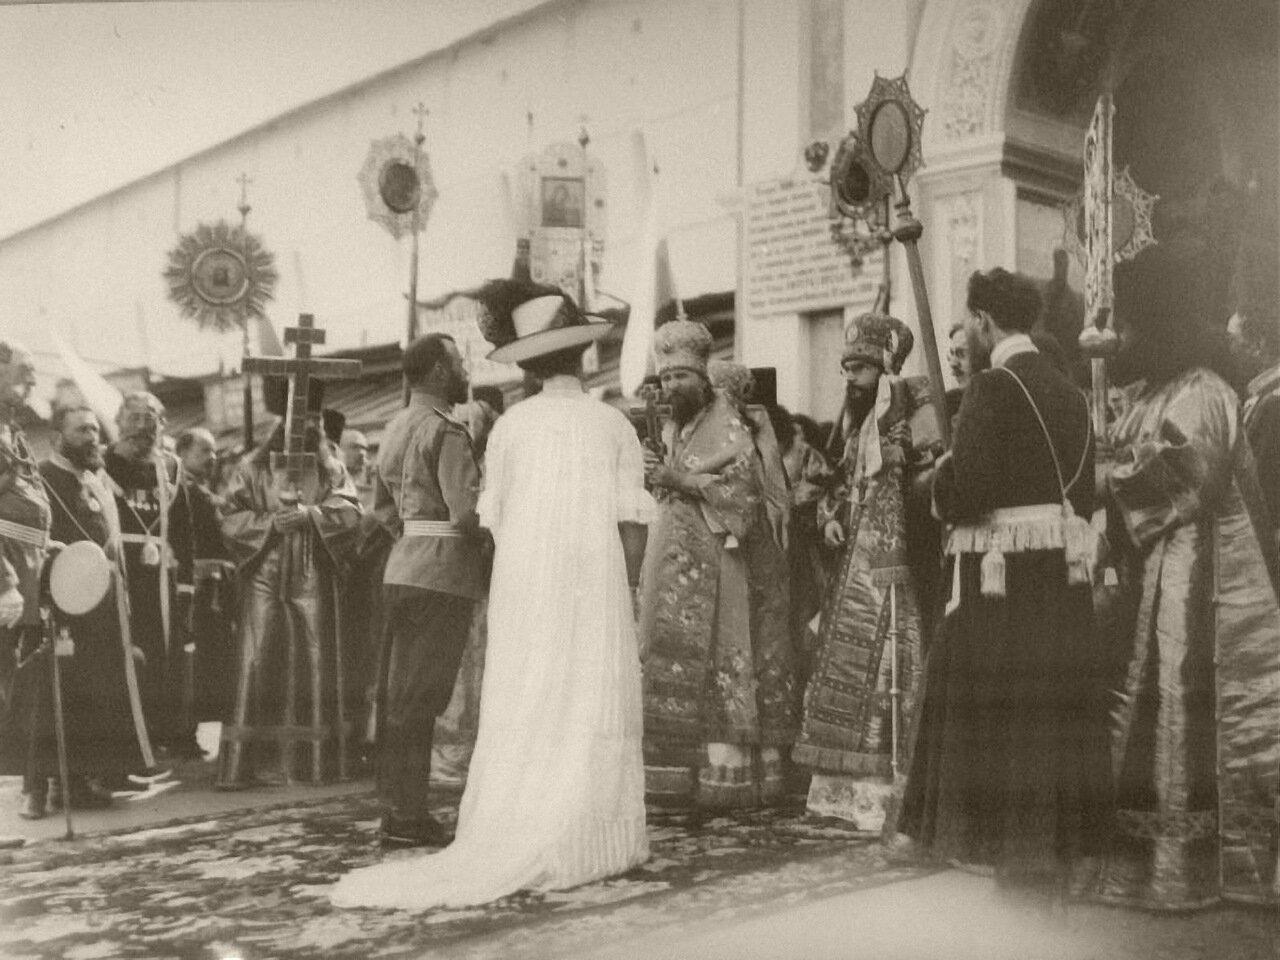 1912. Император Николай II и императрица Александра Федоровна в Свято-Троицкой Сергиевой лавре